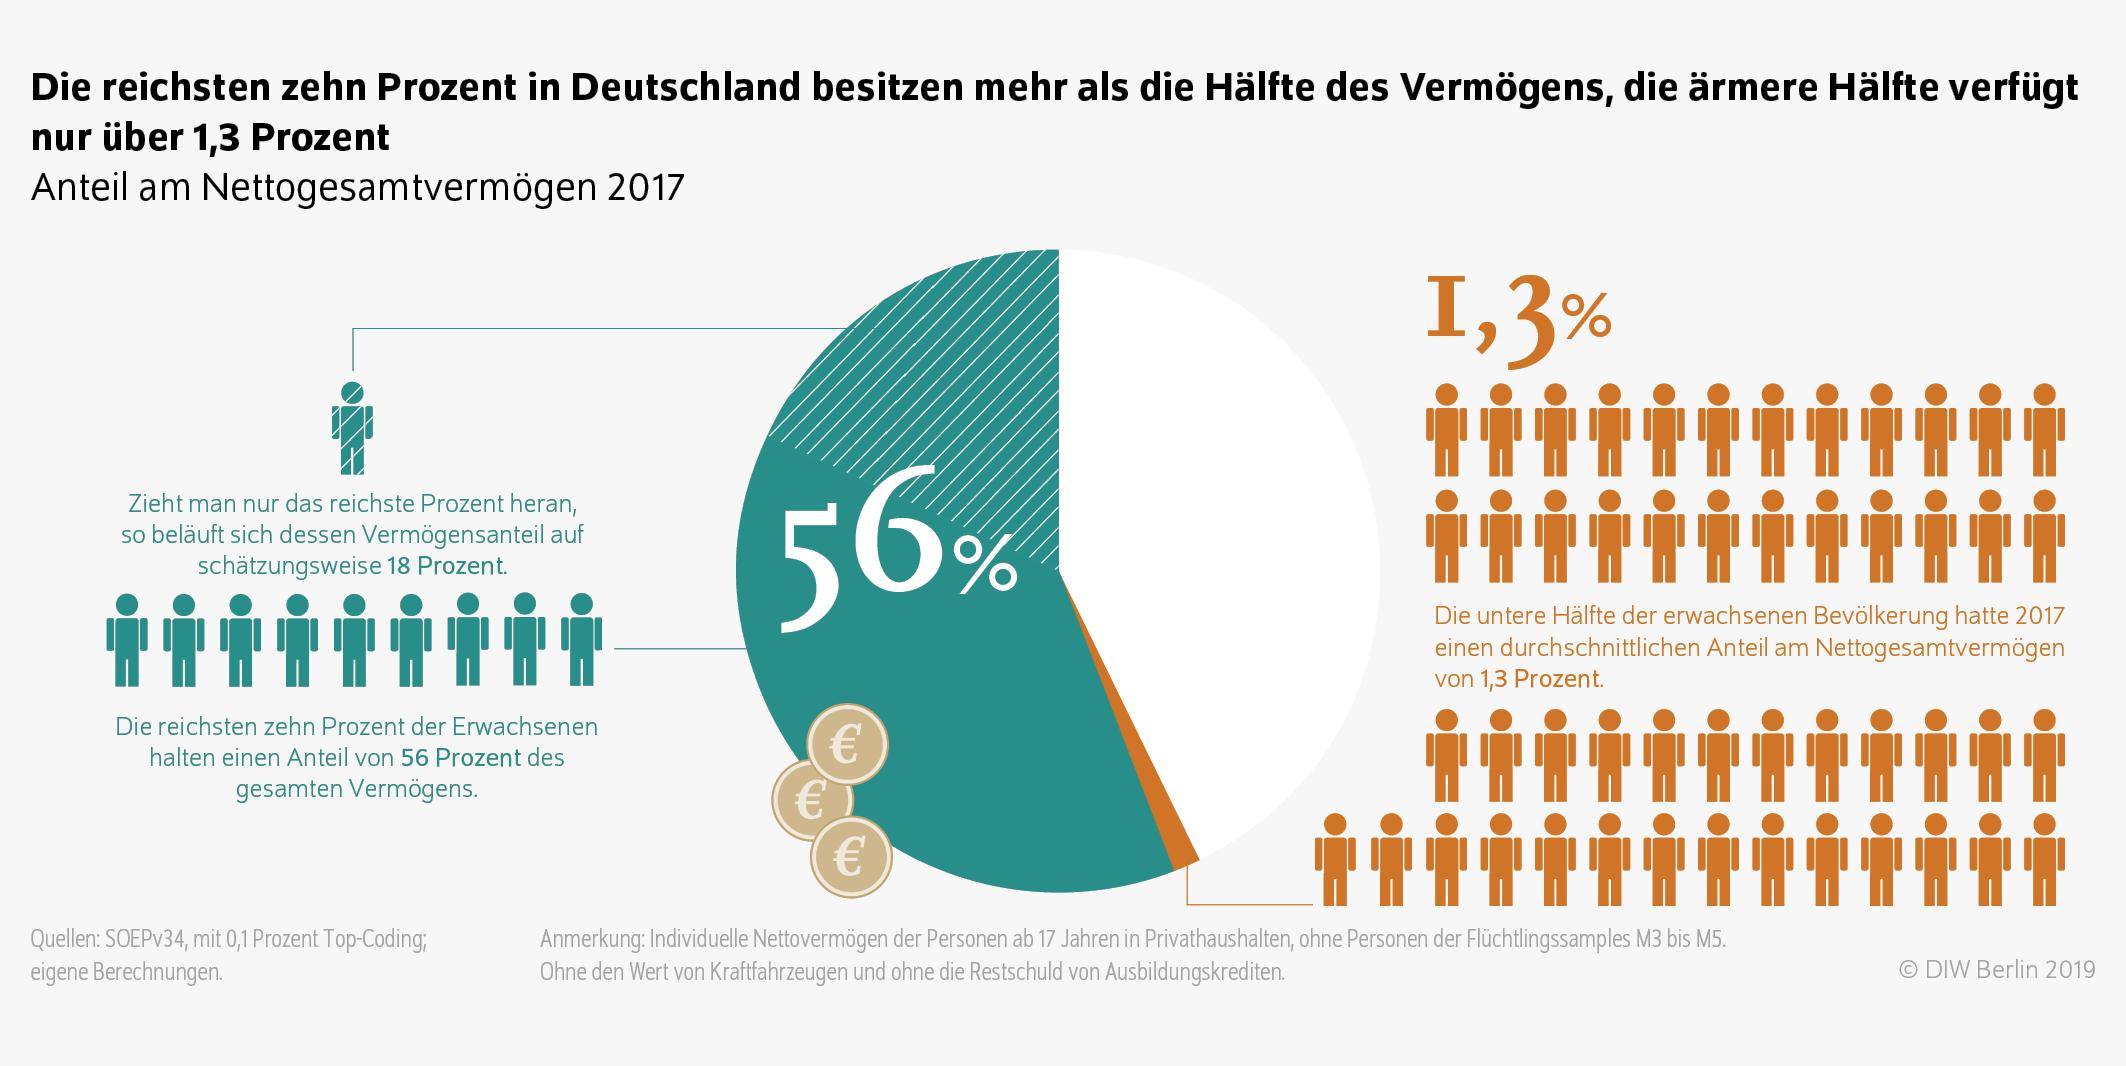 Gibt es in viele singles deutschland 2017 wie Statistiken zum